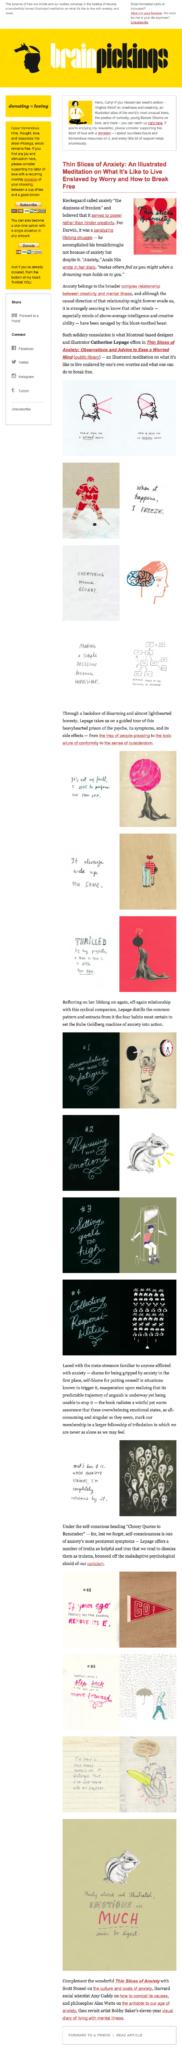 Brain pickings newsletter